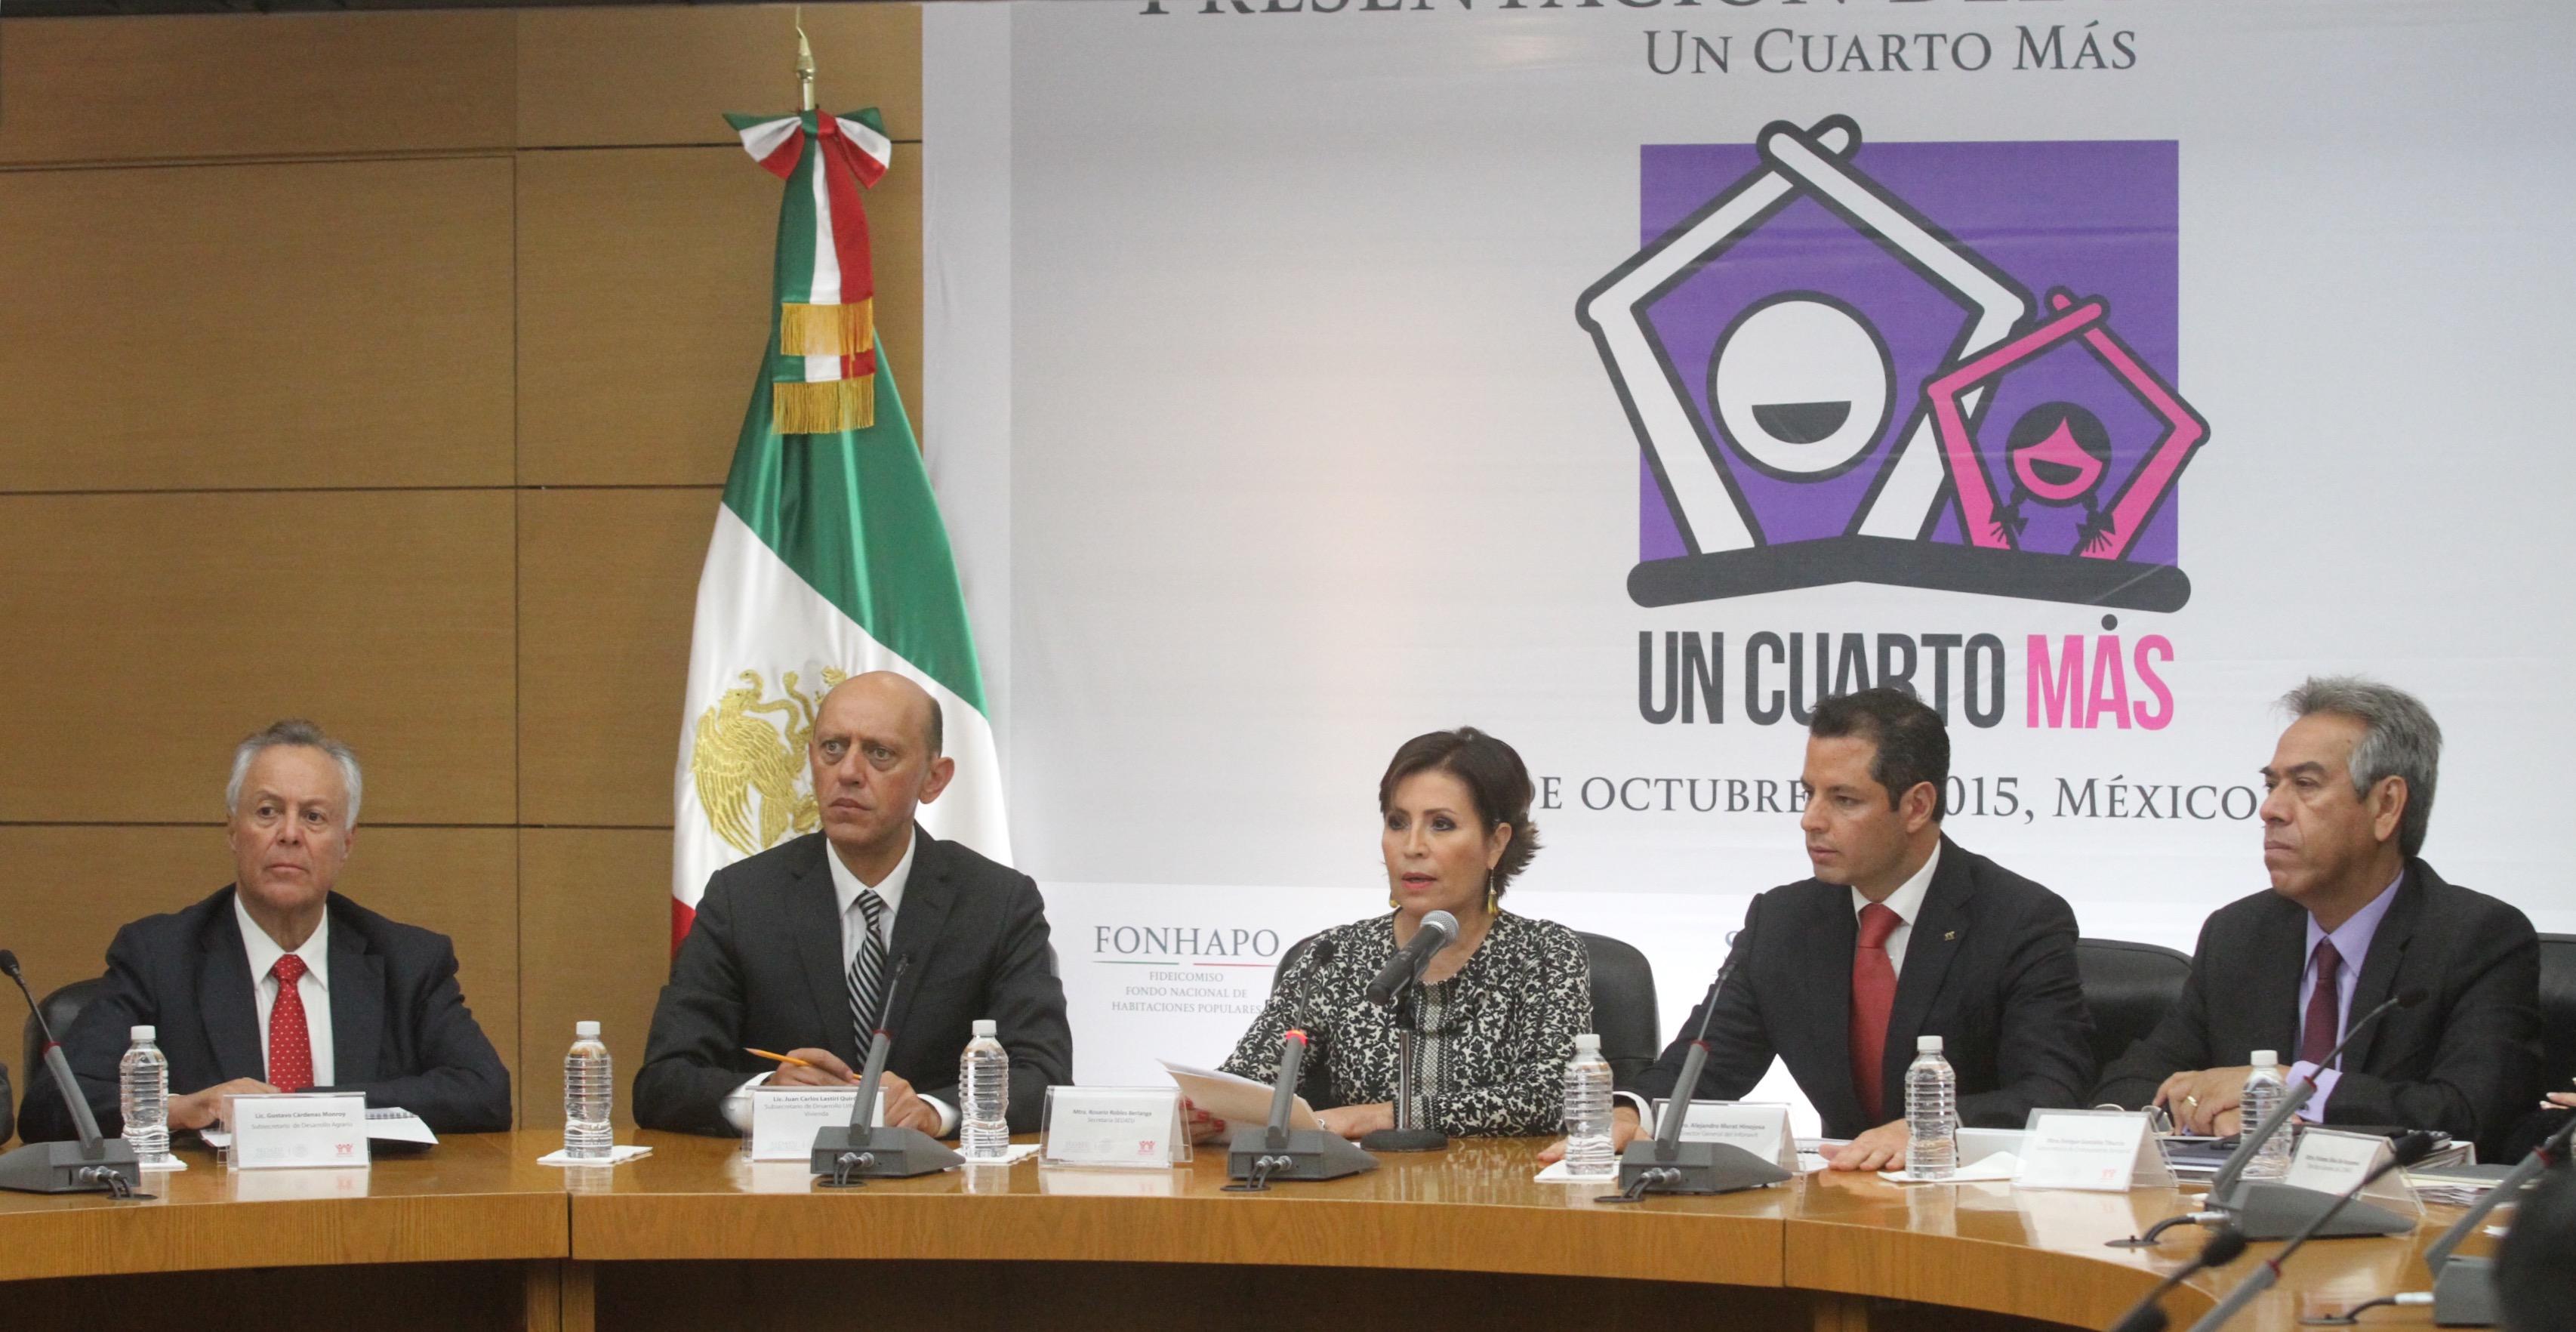 Combate gobierno de la rep blica hacinamiento con for Cuarto mas empresa